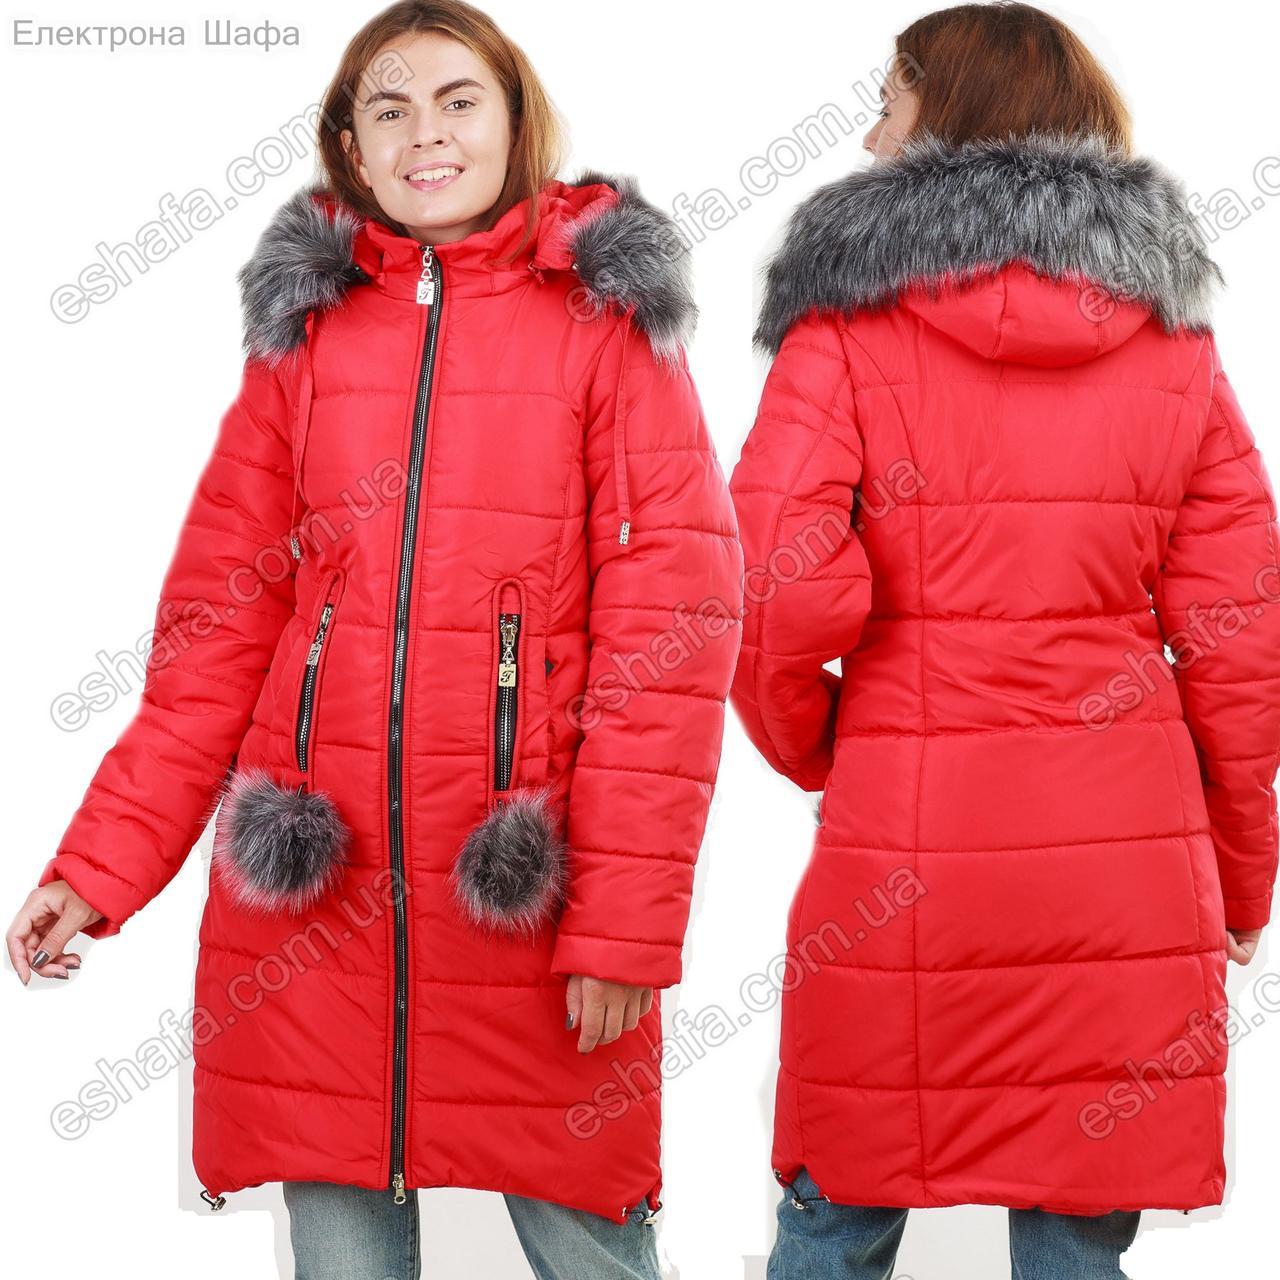 Кожаные Куртки С Меховым Капюшоном